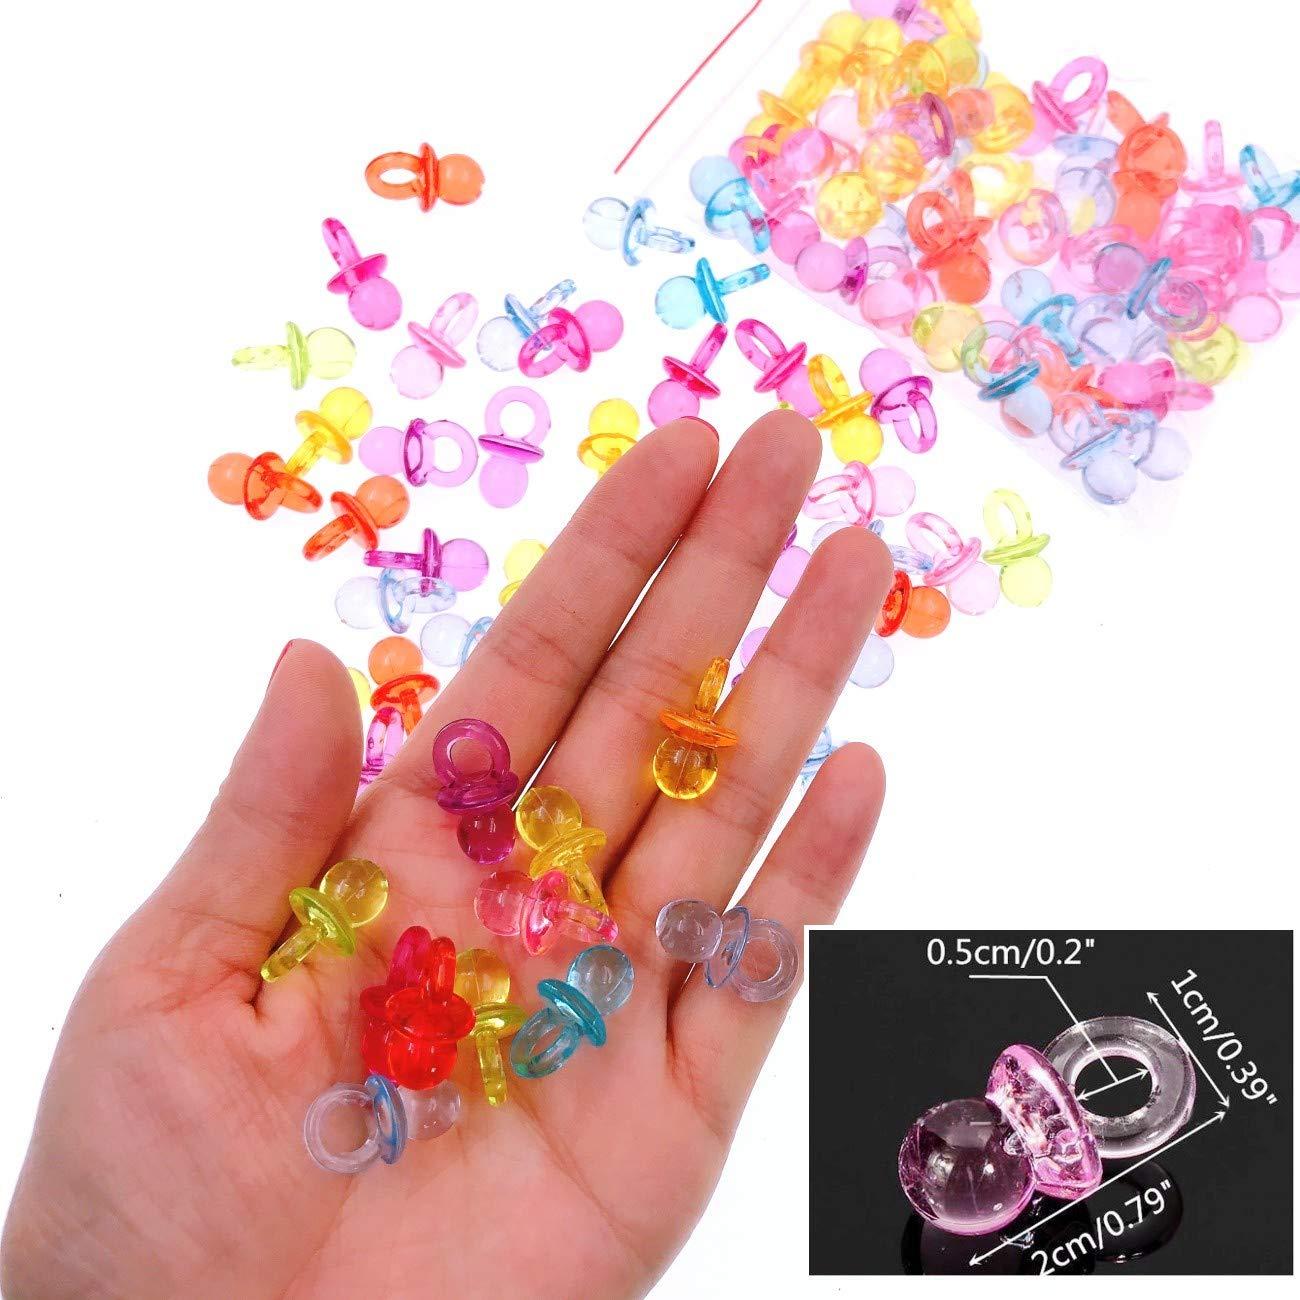 JZK® 100 x Mini Dummy Chupones Mini acrílico Chupete, dispersión de la Tabla Confetti Partido Favor Accesorios de Decoraciones para la Fiesta de ...